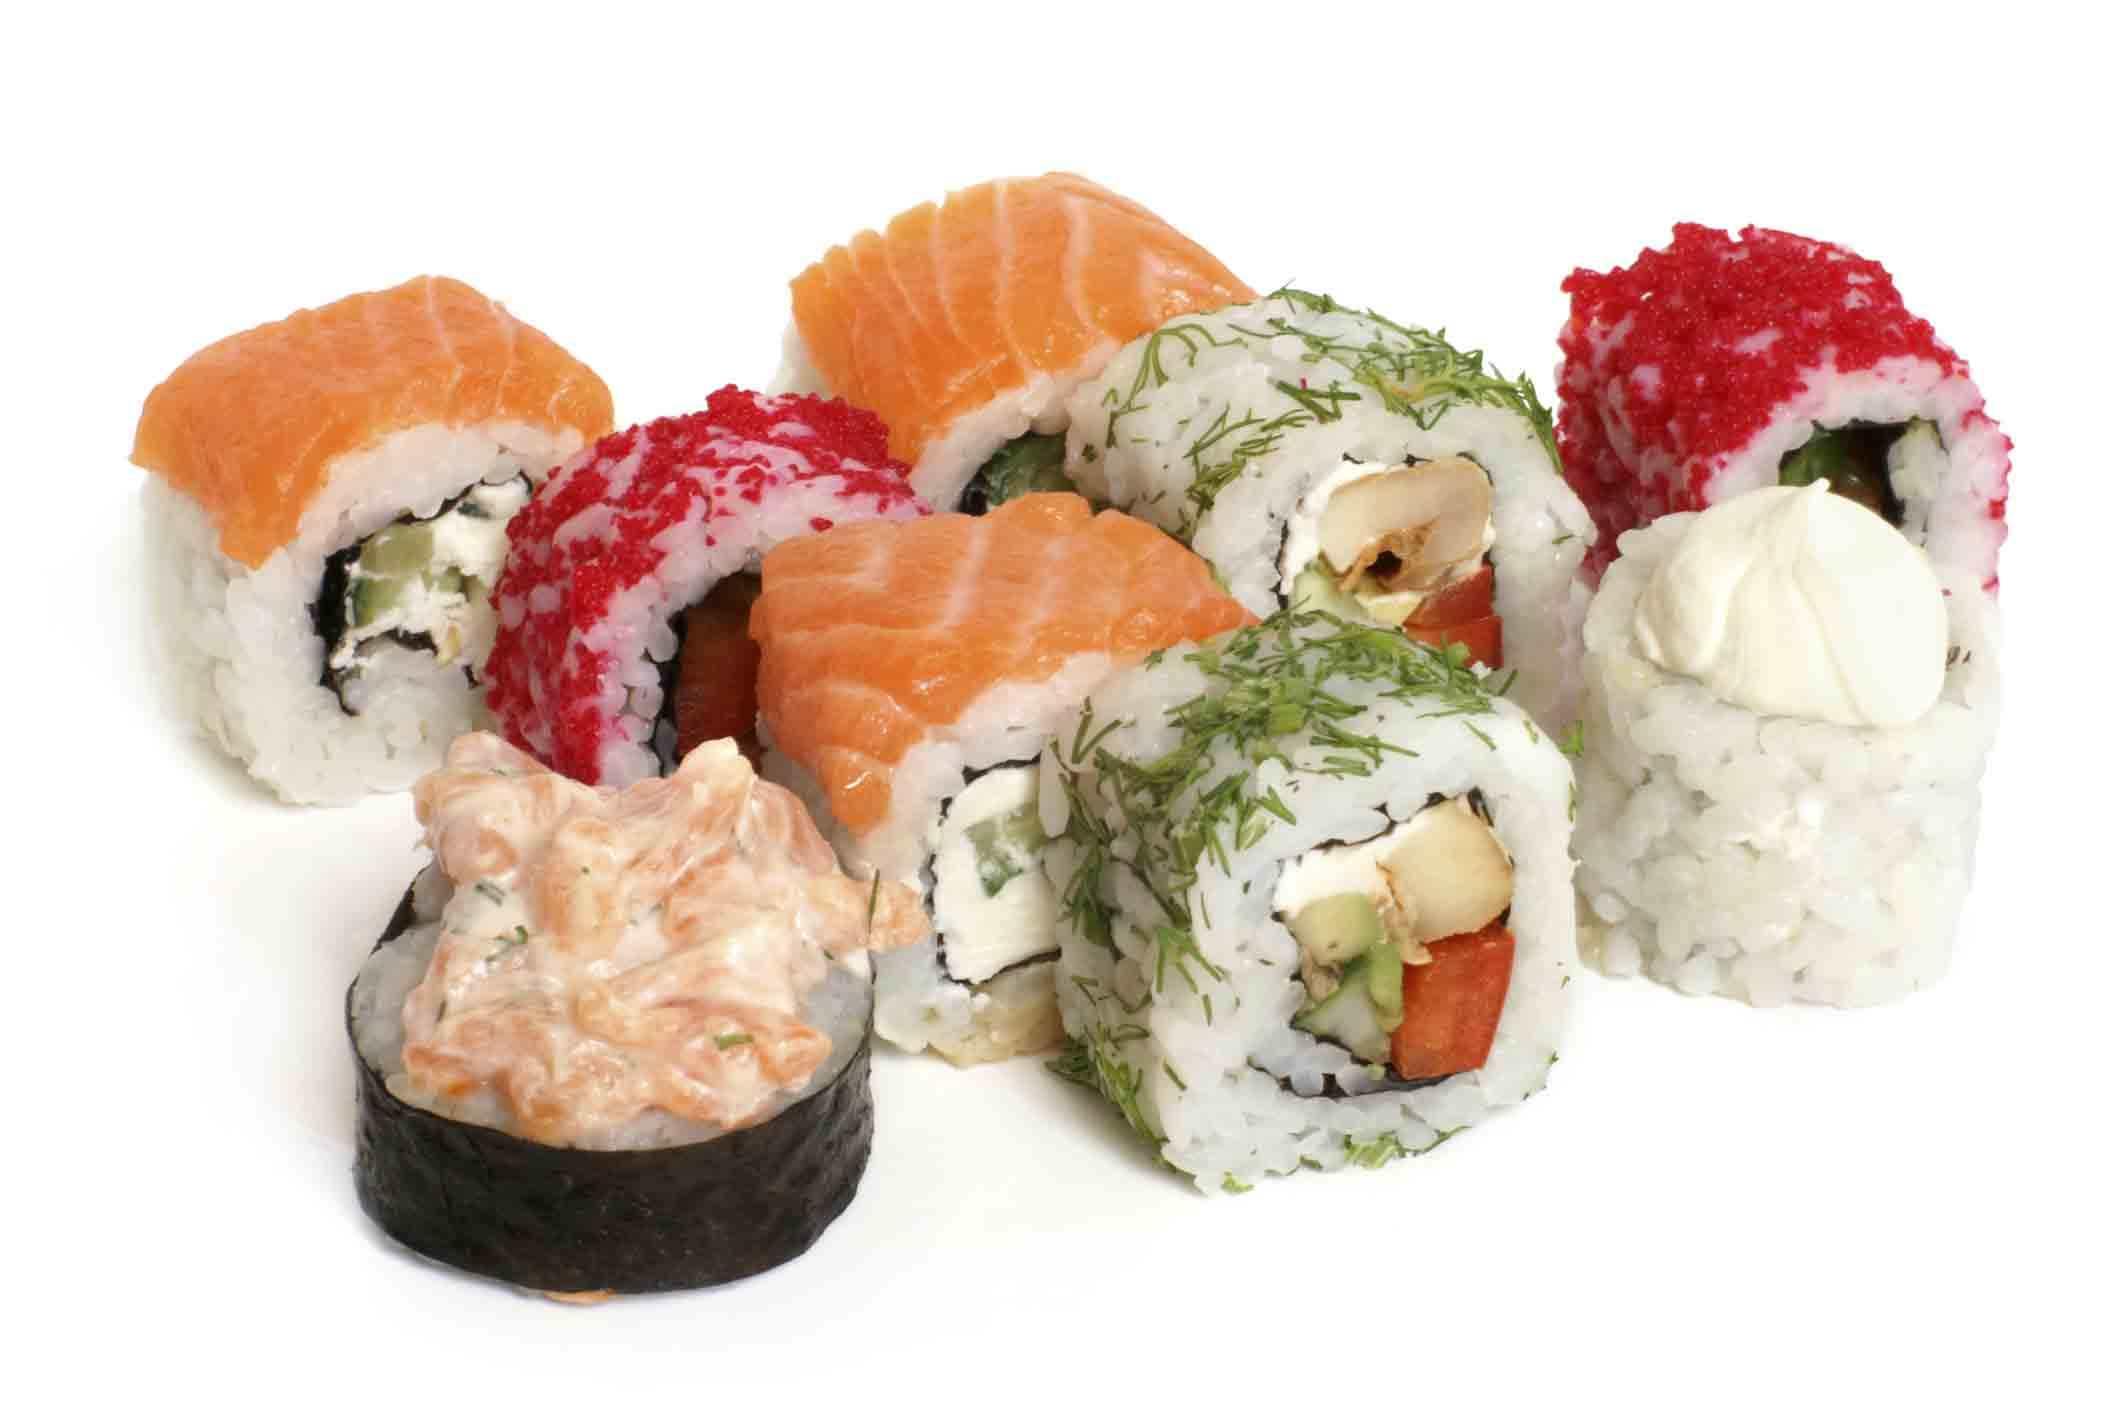 Mành cuộn sushi, cơm, bánh Niheshi 6107 hàng Nhật